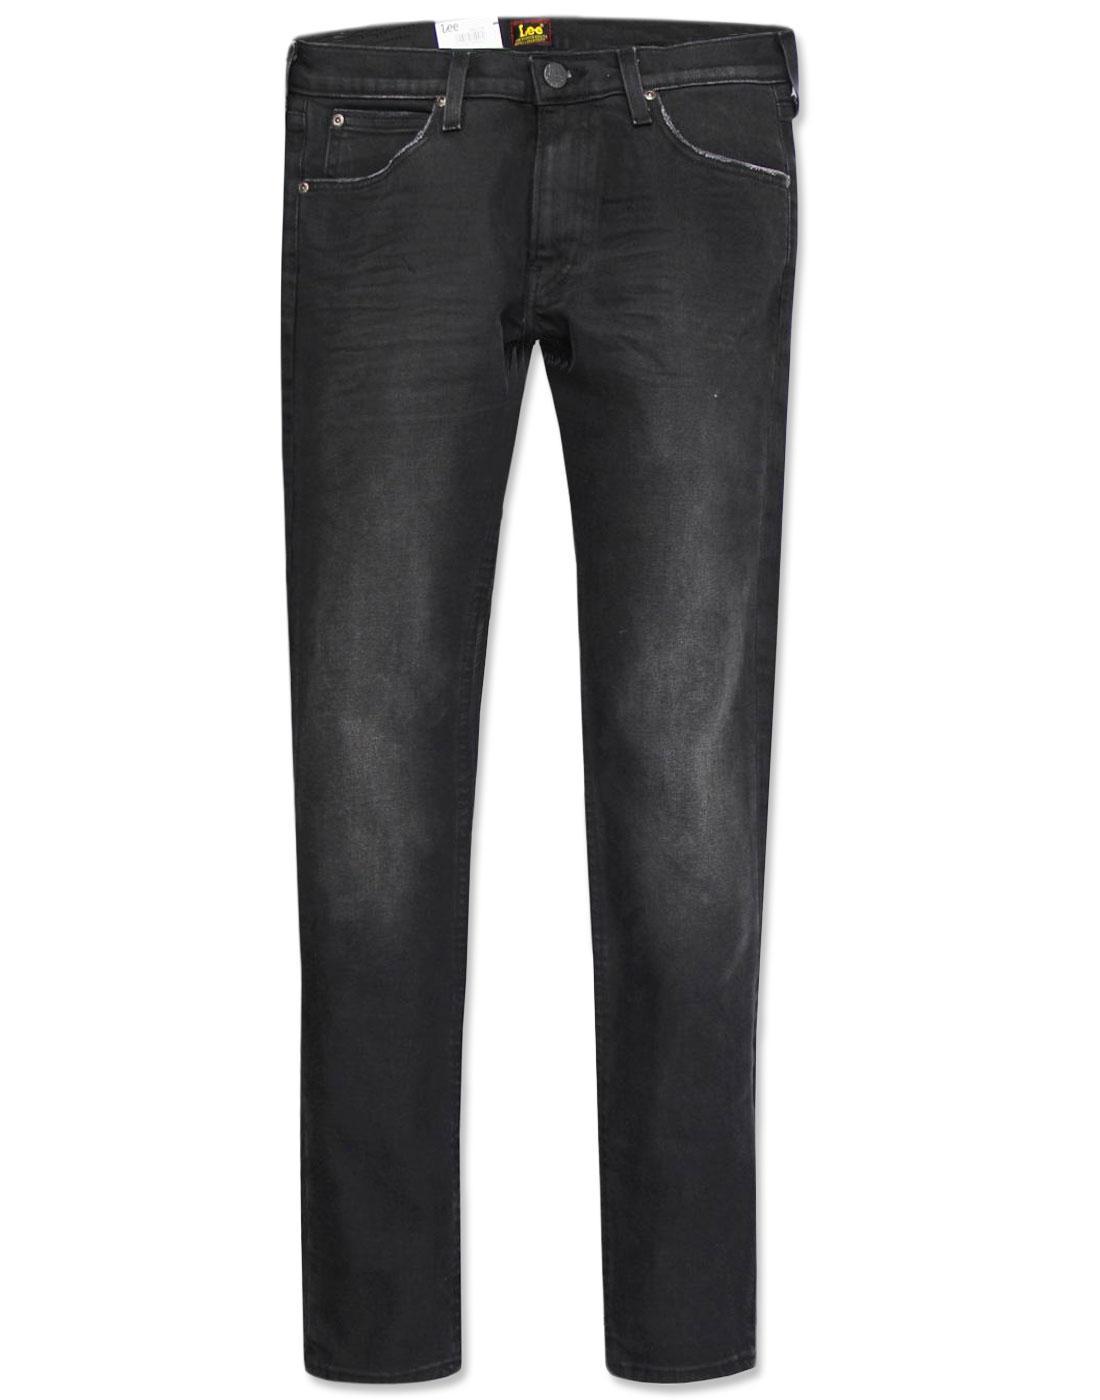 Luke LEE Retro Indie Slim Tapered Black Worn Jeans